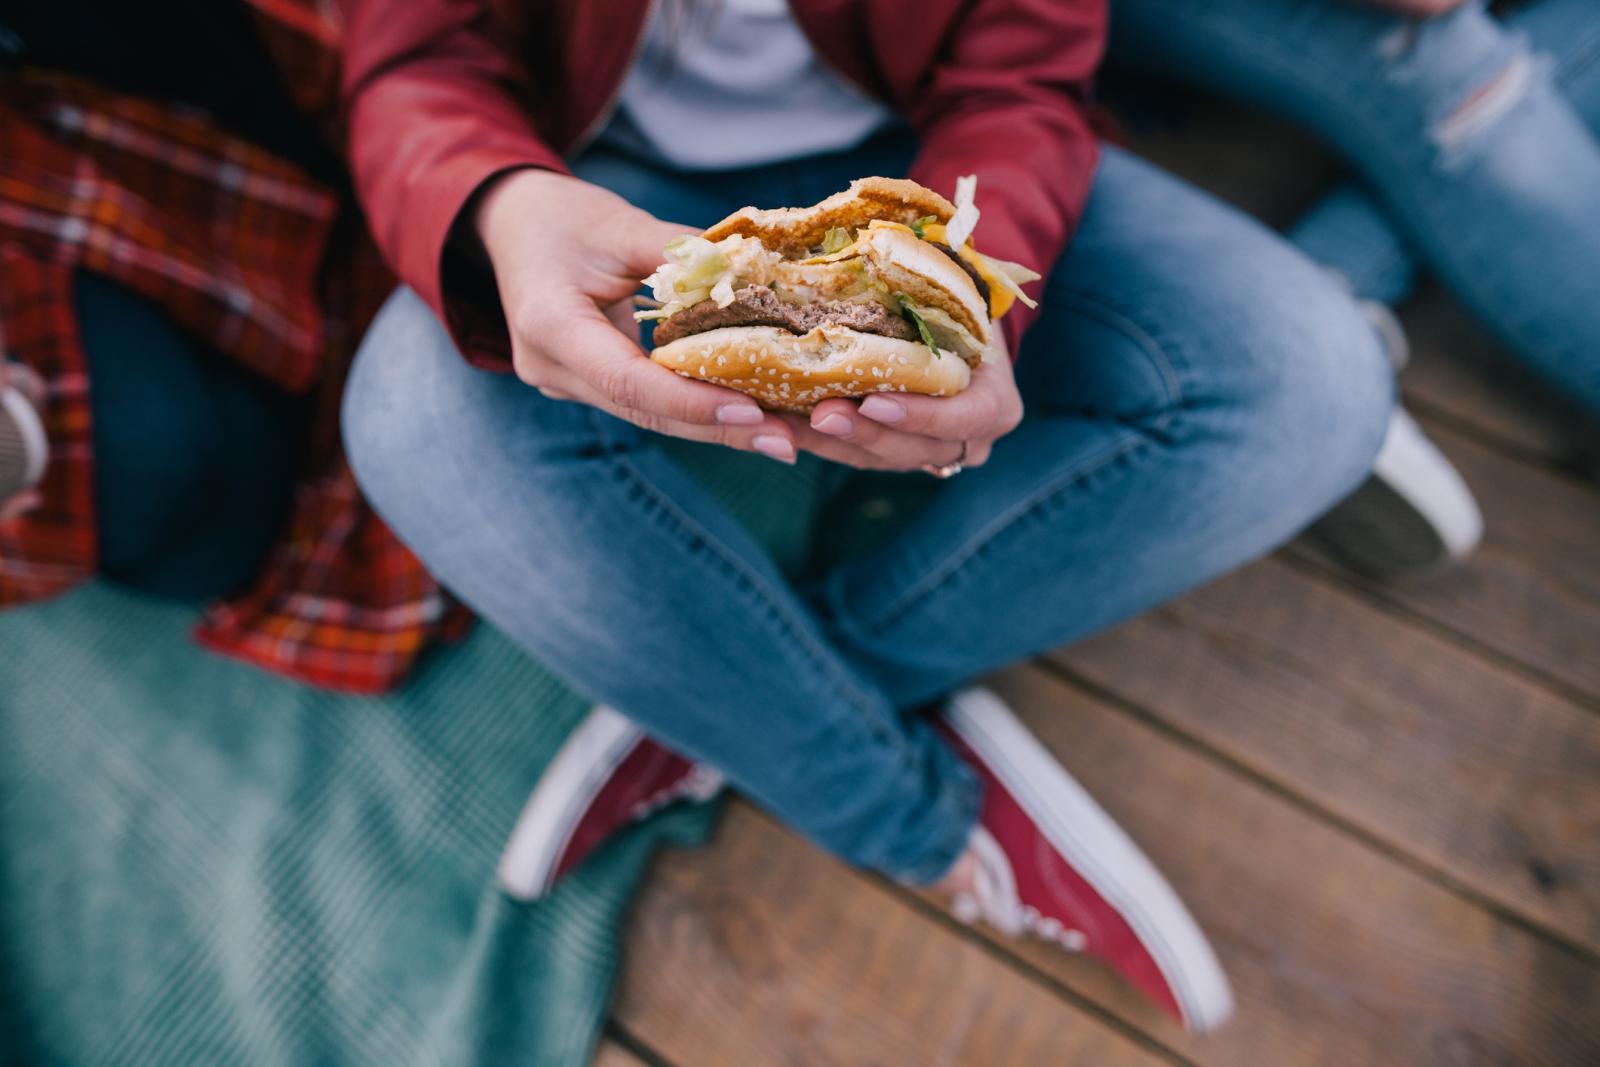 Samo lud može očekivati da će dijete nakon što potroši džeparac na brzu hranu, ručati varivo od mesa i povrća.